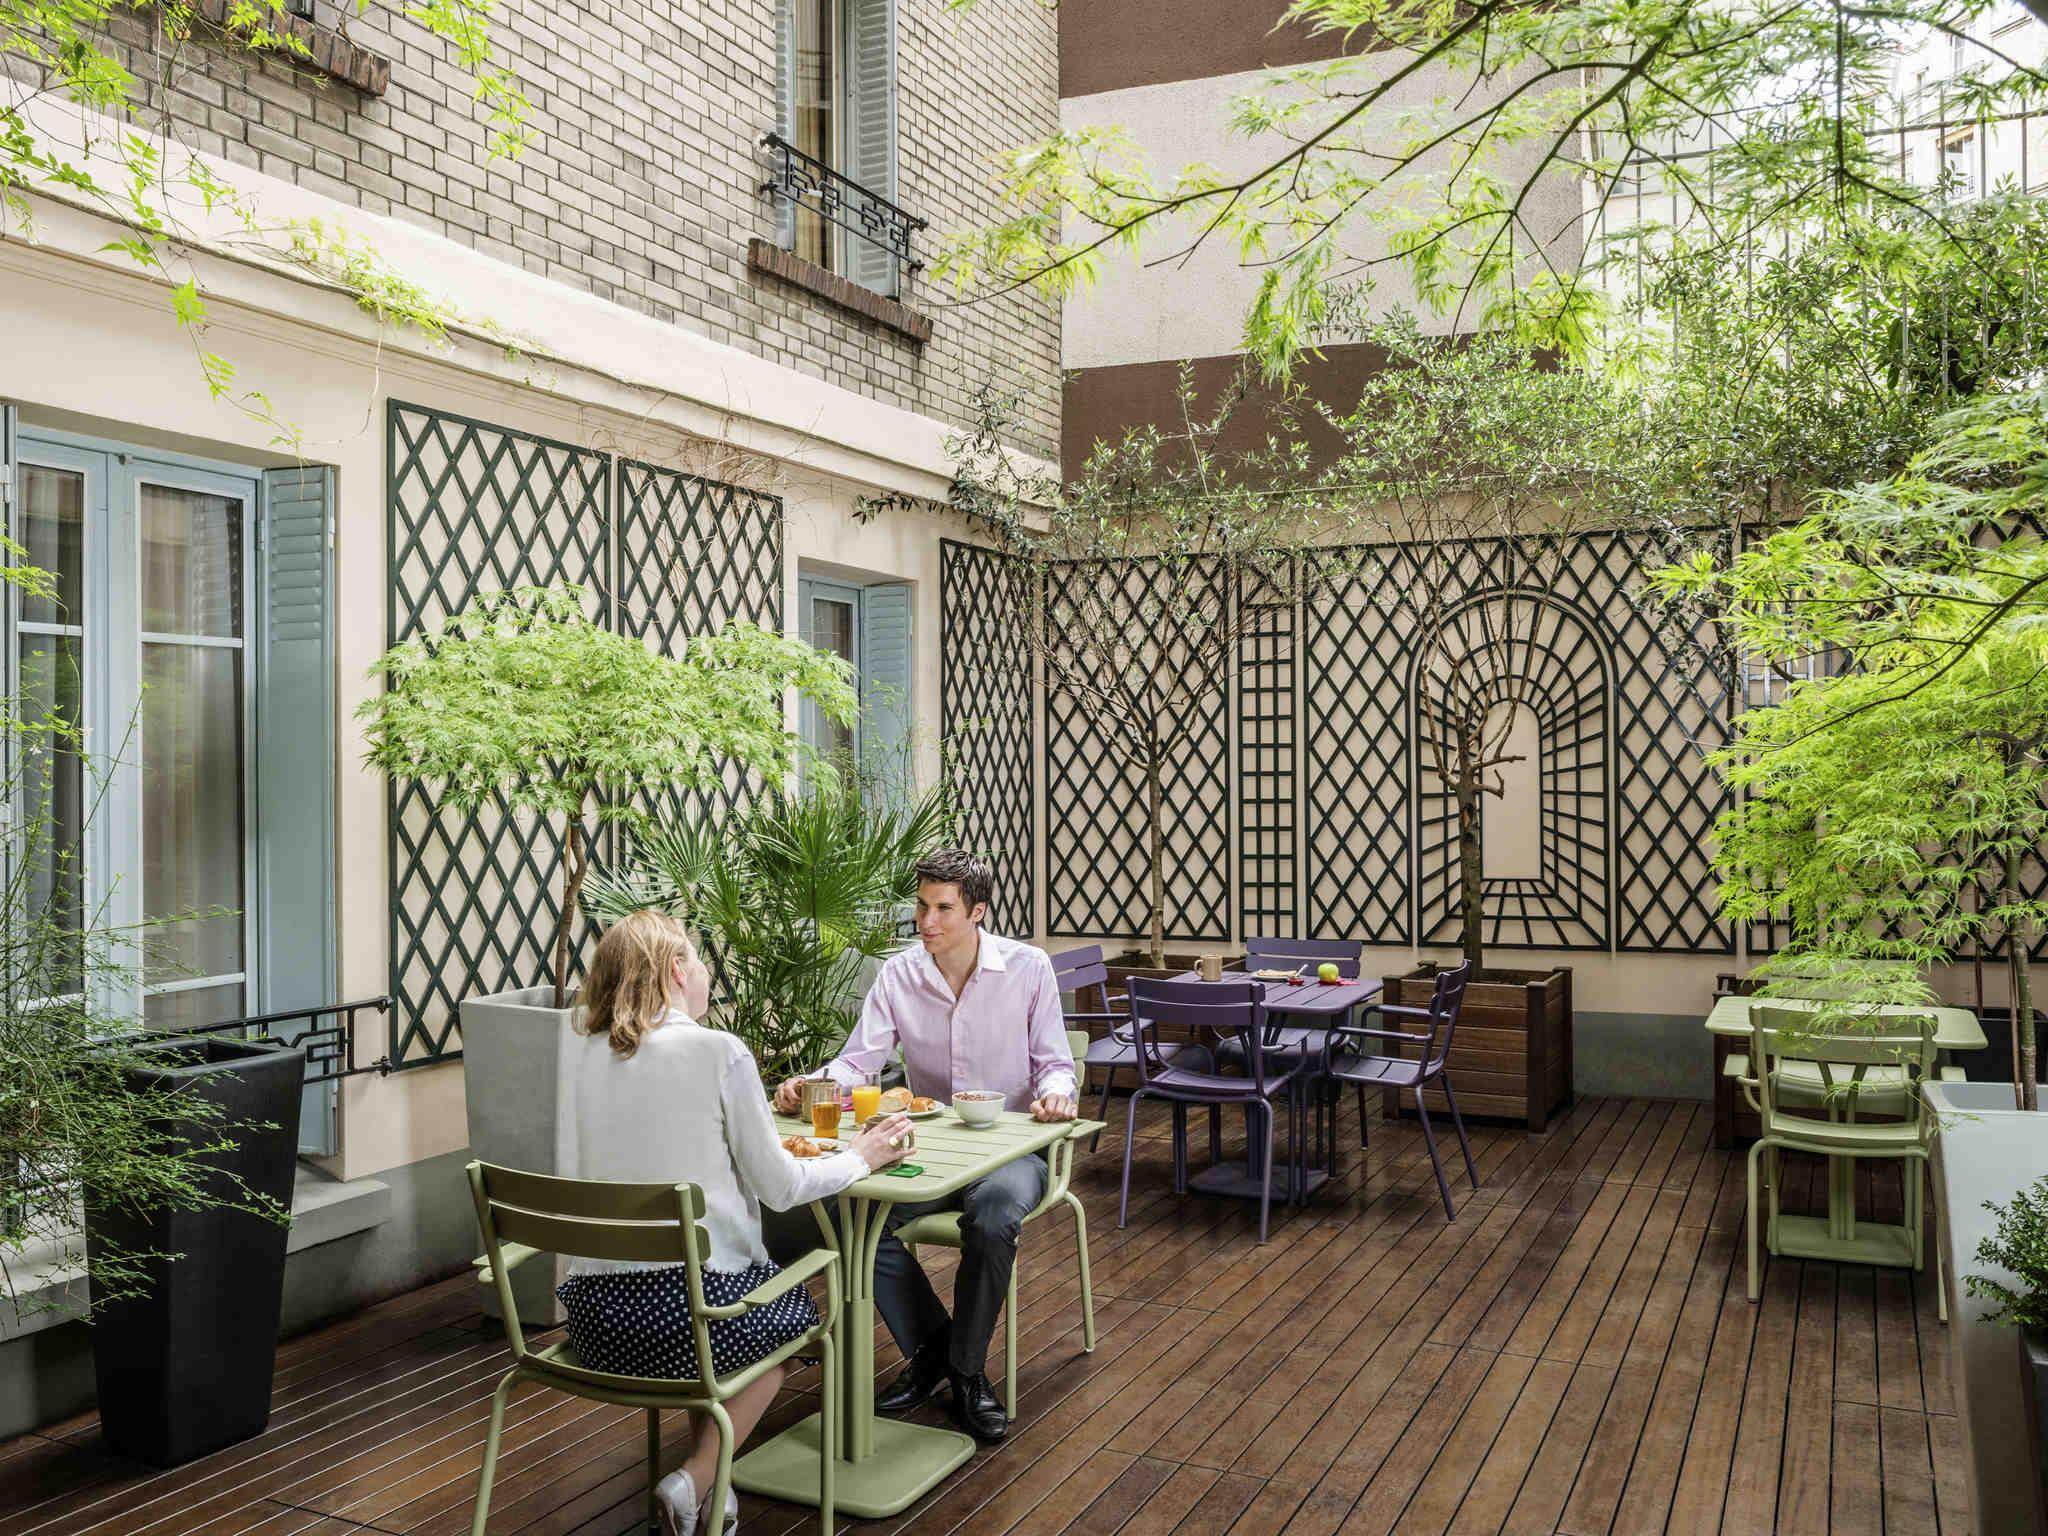 ホテル – アパートホテル アダジオ アクセス フィリップ オーギュスト